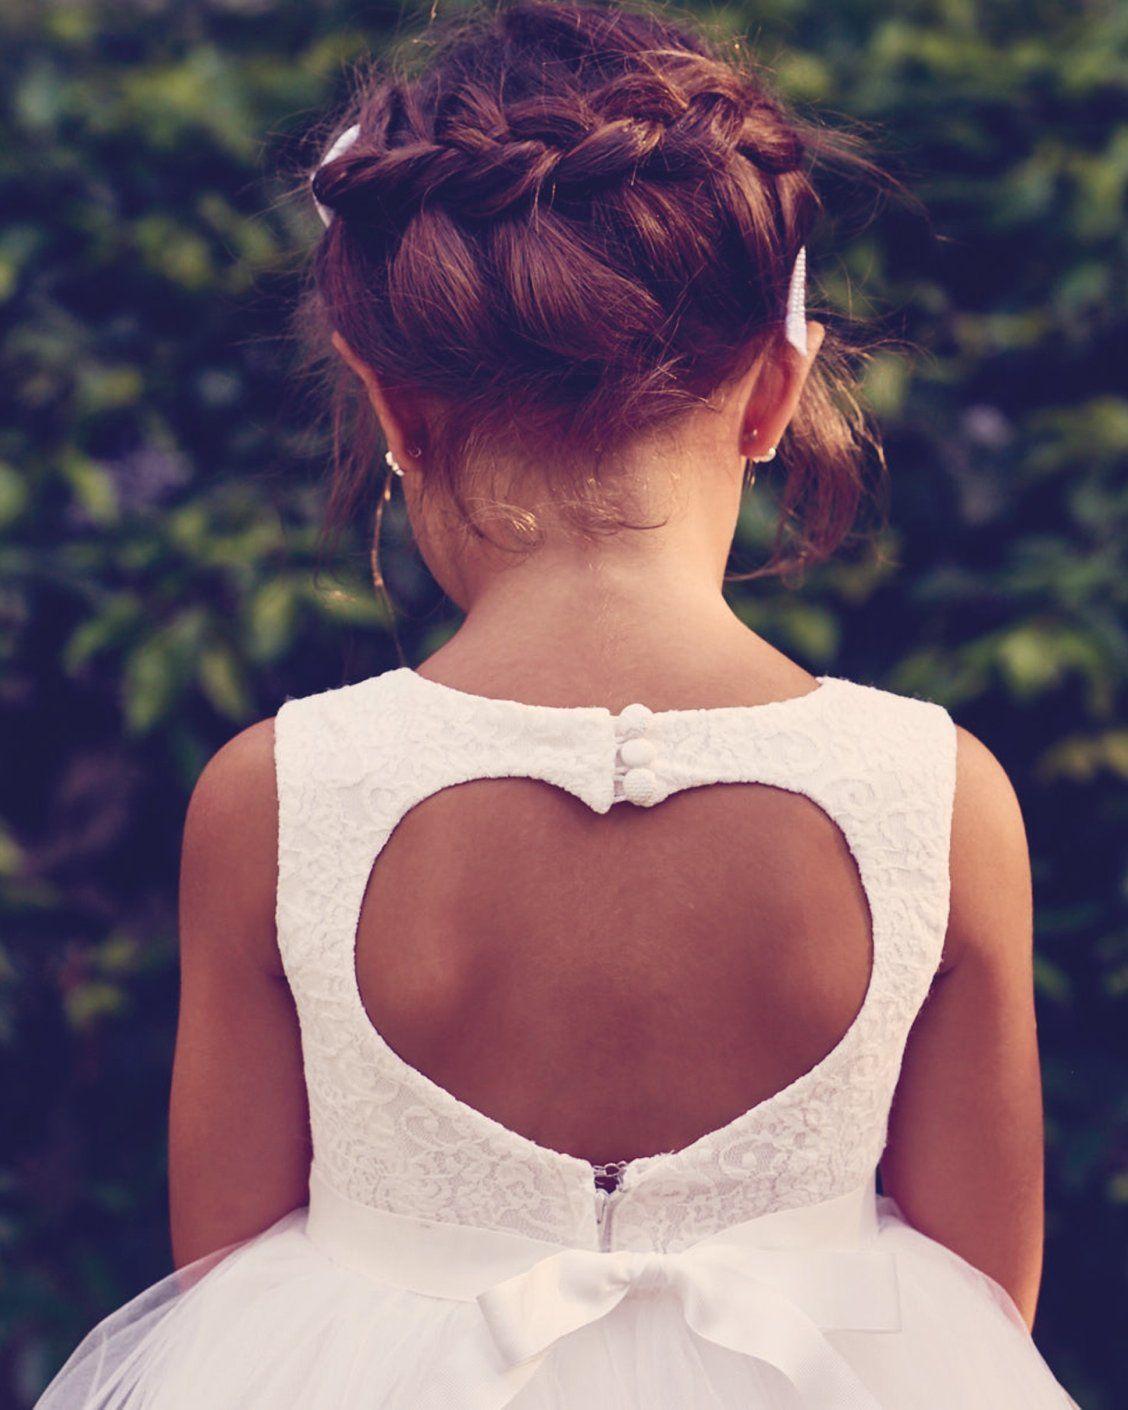 c9e2429dd49 We love our heart back flower girl dress! Shop more flower girl dresses at  David s Bridal